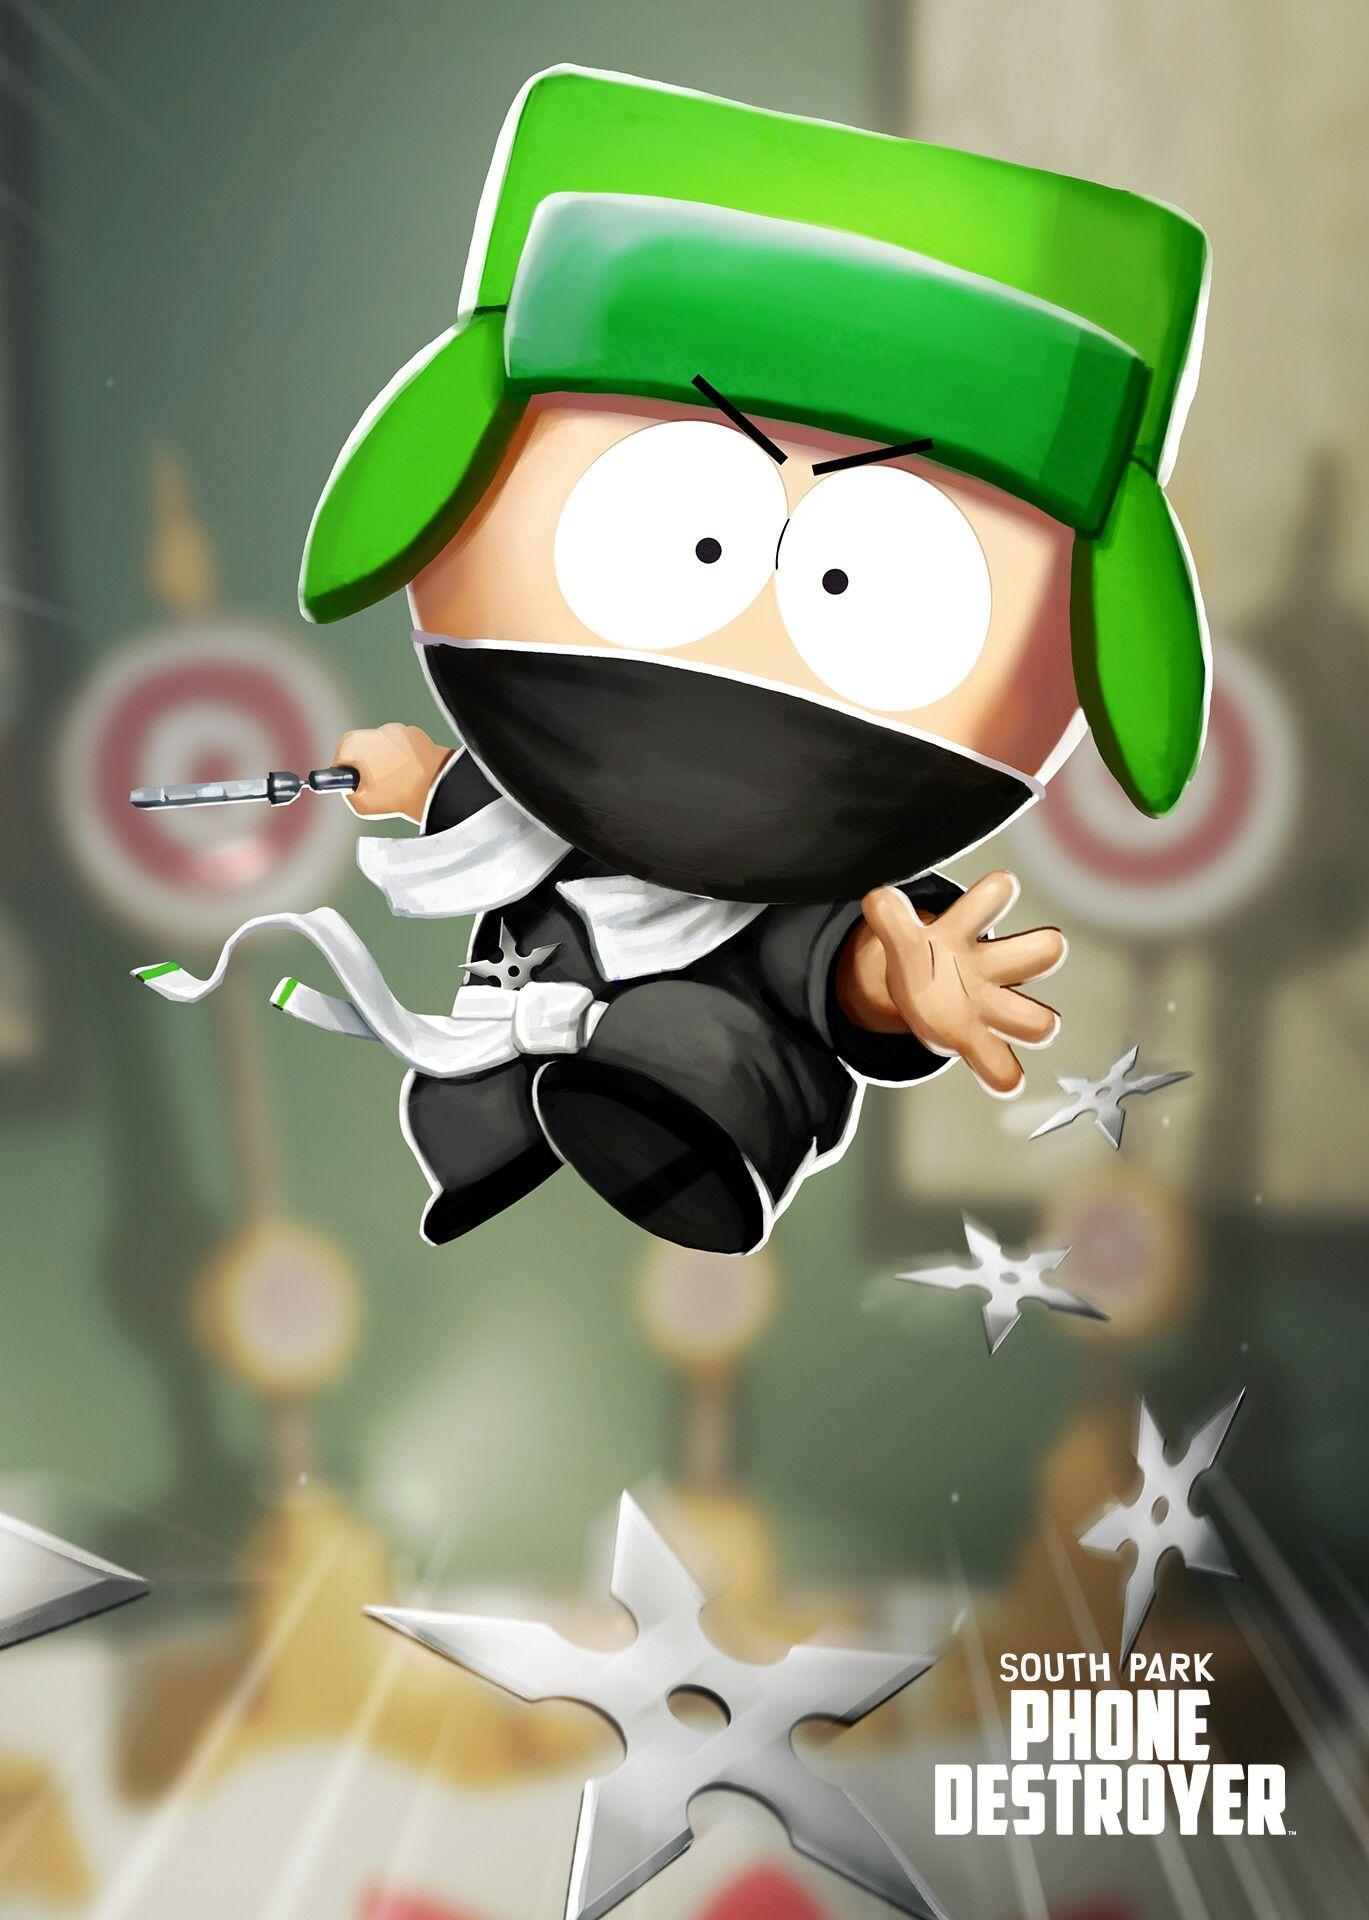 South Park Phone Destroyer Kyle South Park South Park South